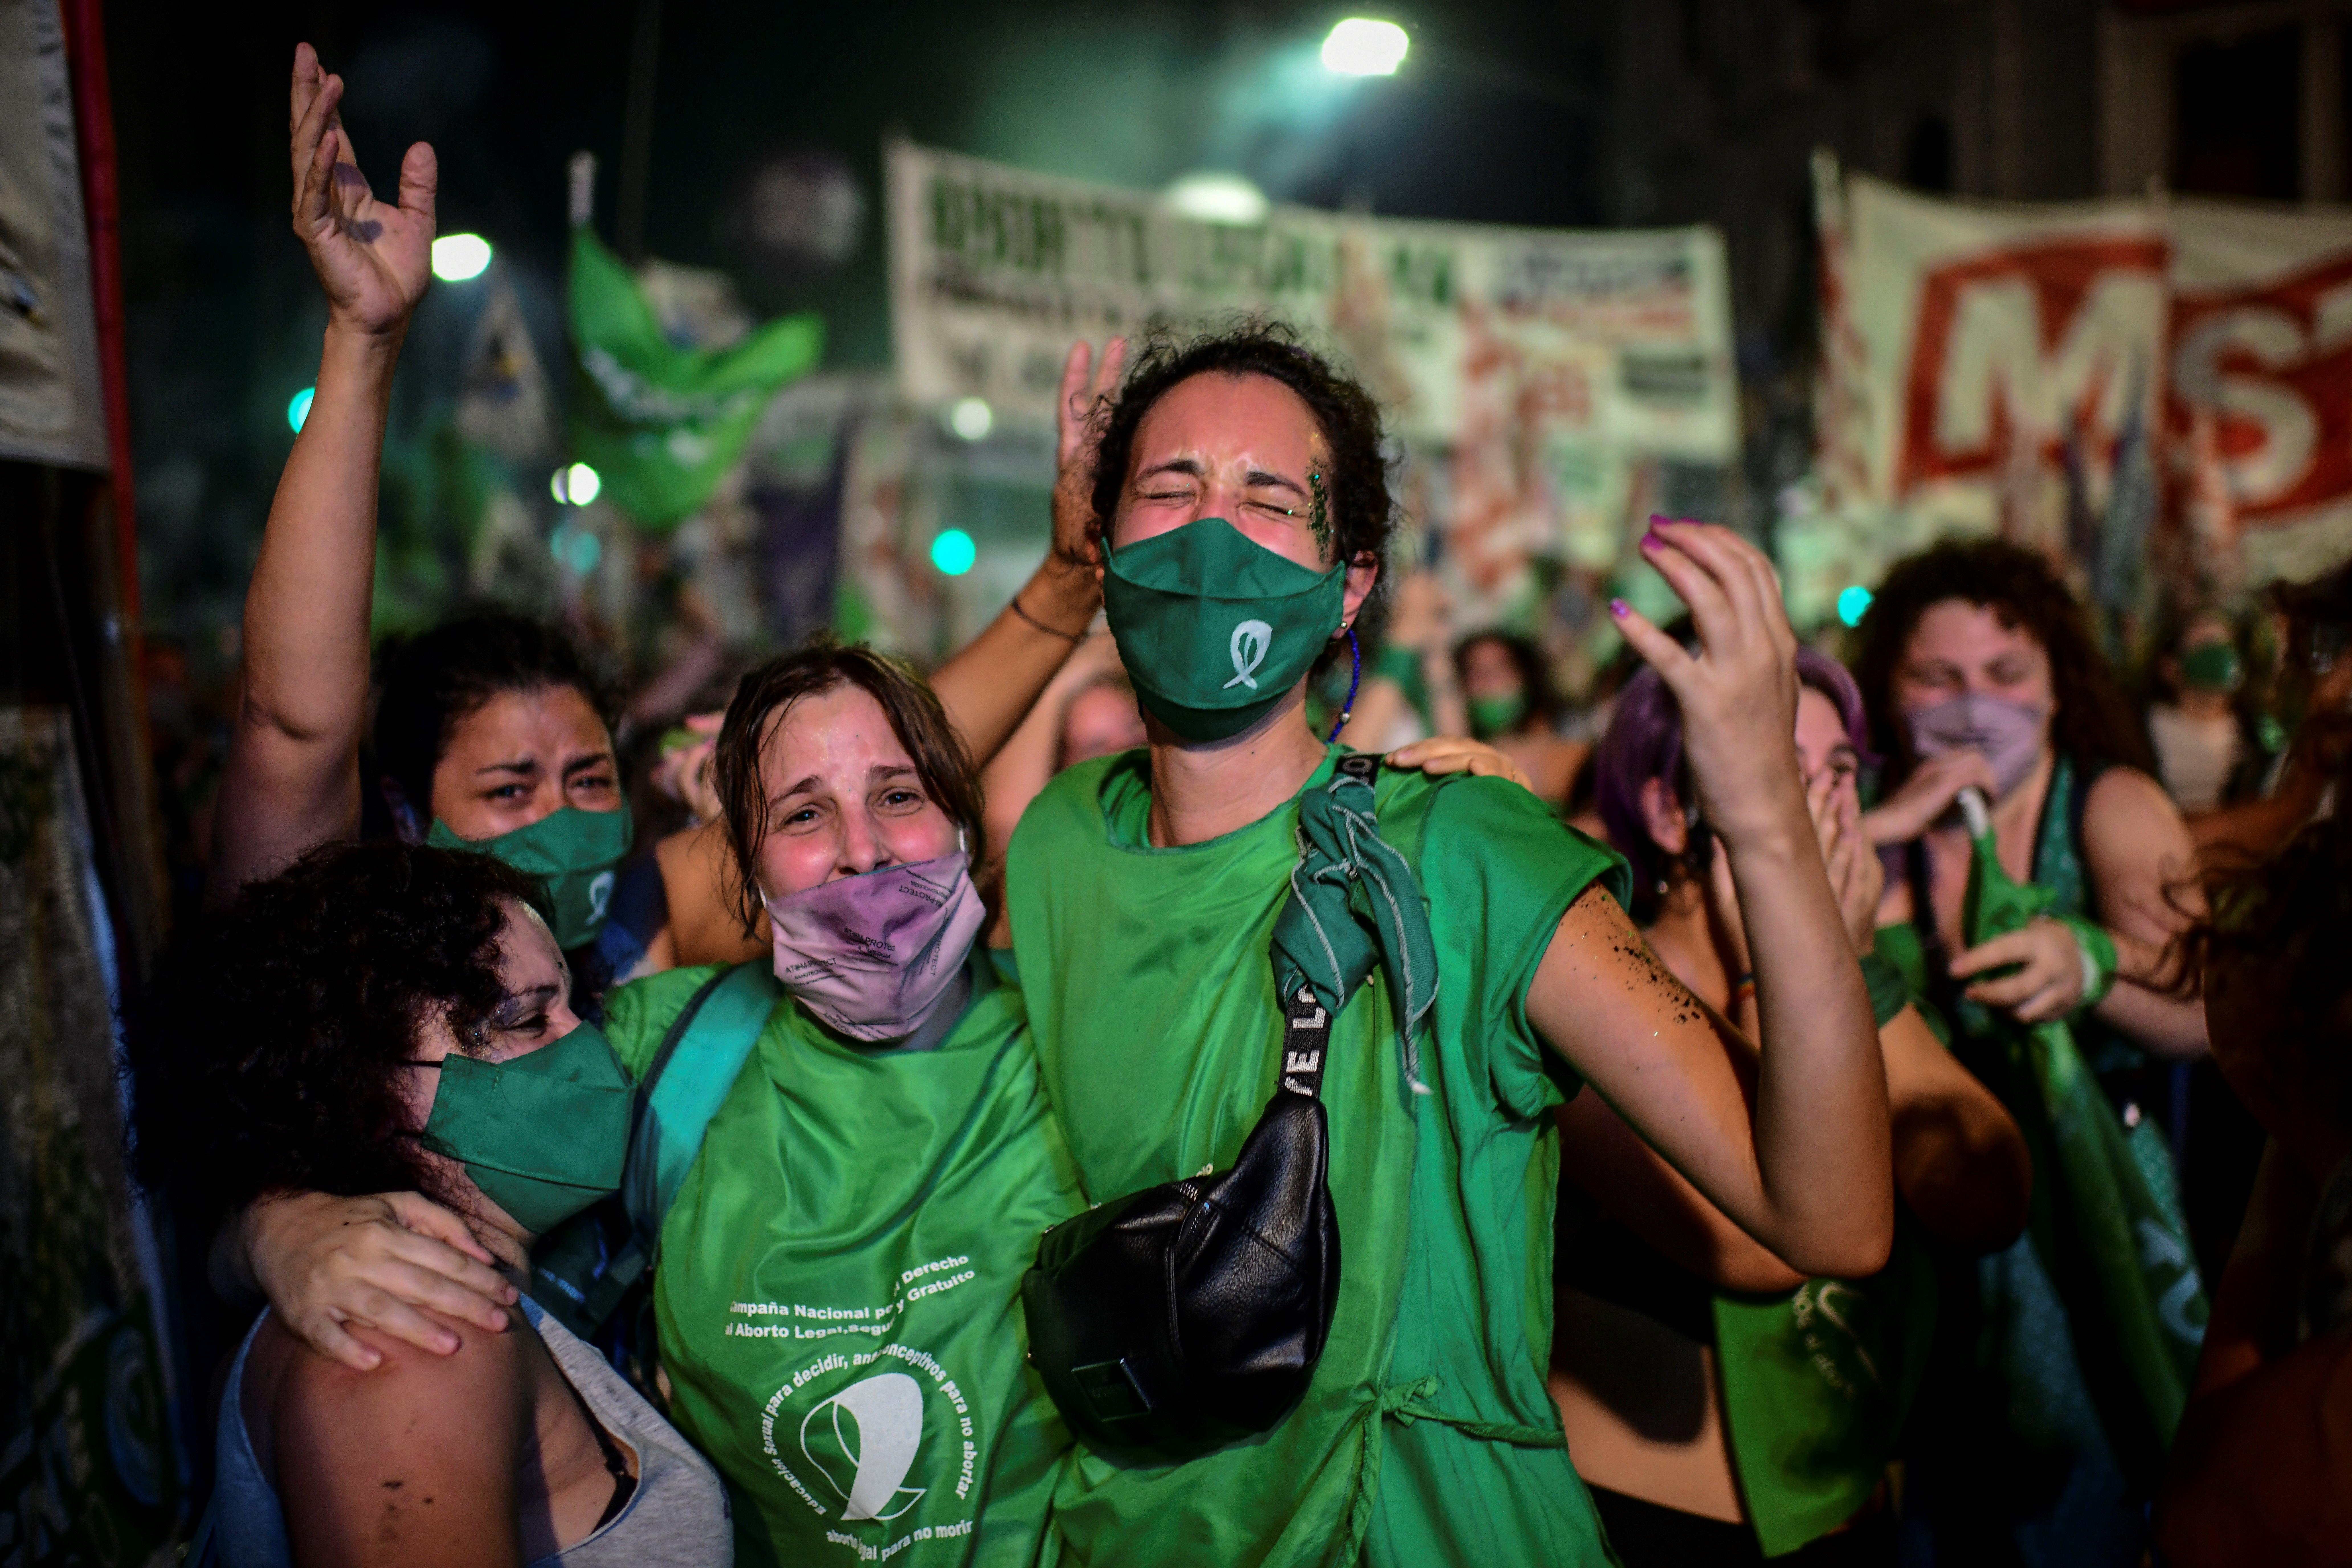 Az abortusz legalizálása után nők százai ellen ejthetik a vádakat Argentínában